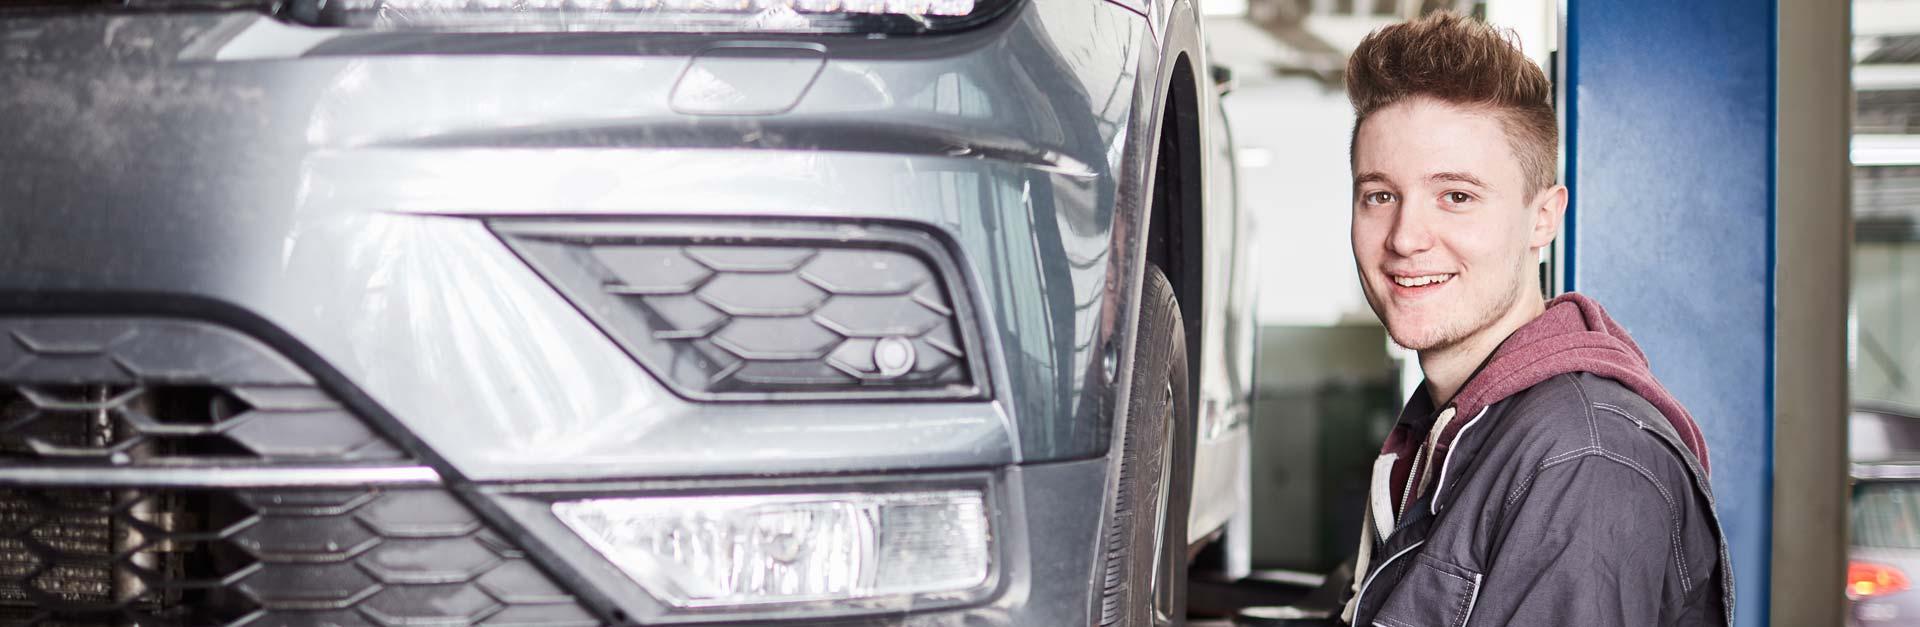 autohaus-steinhoff-service_reifenwechsel_slider